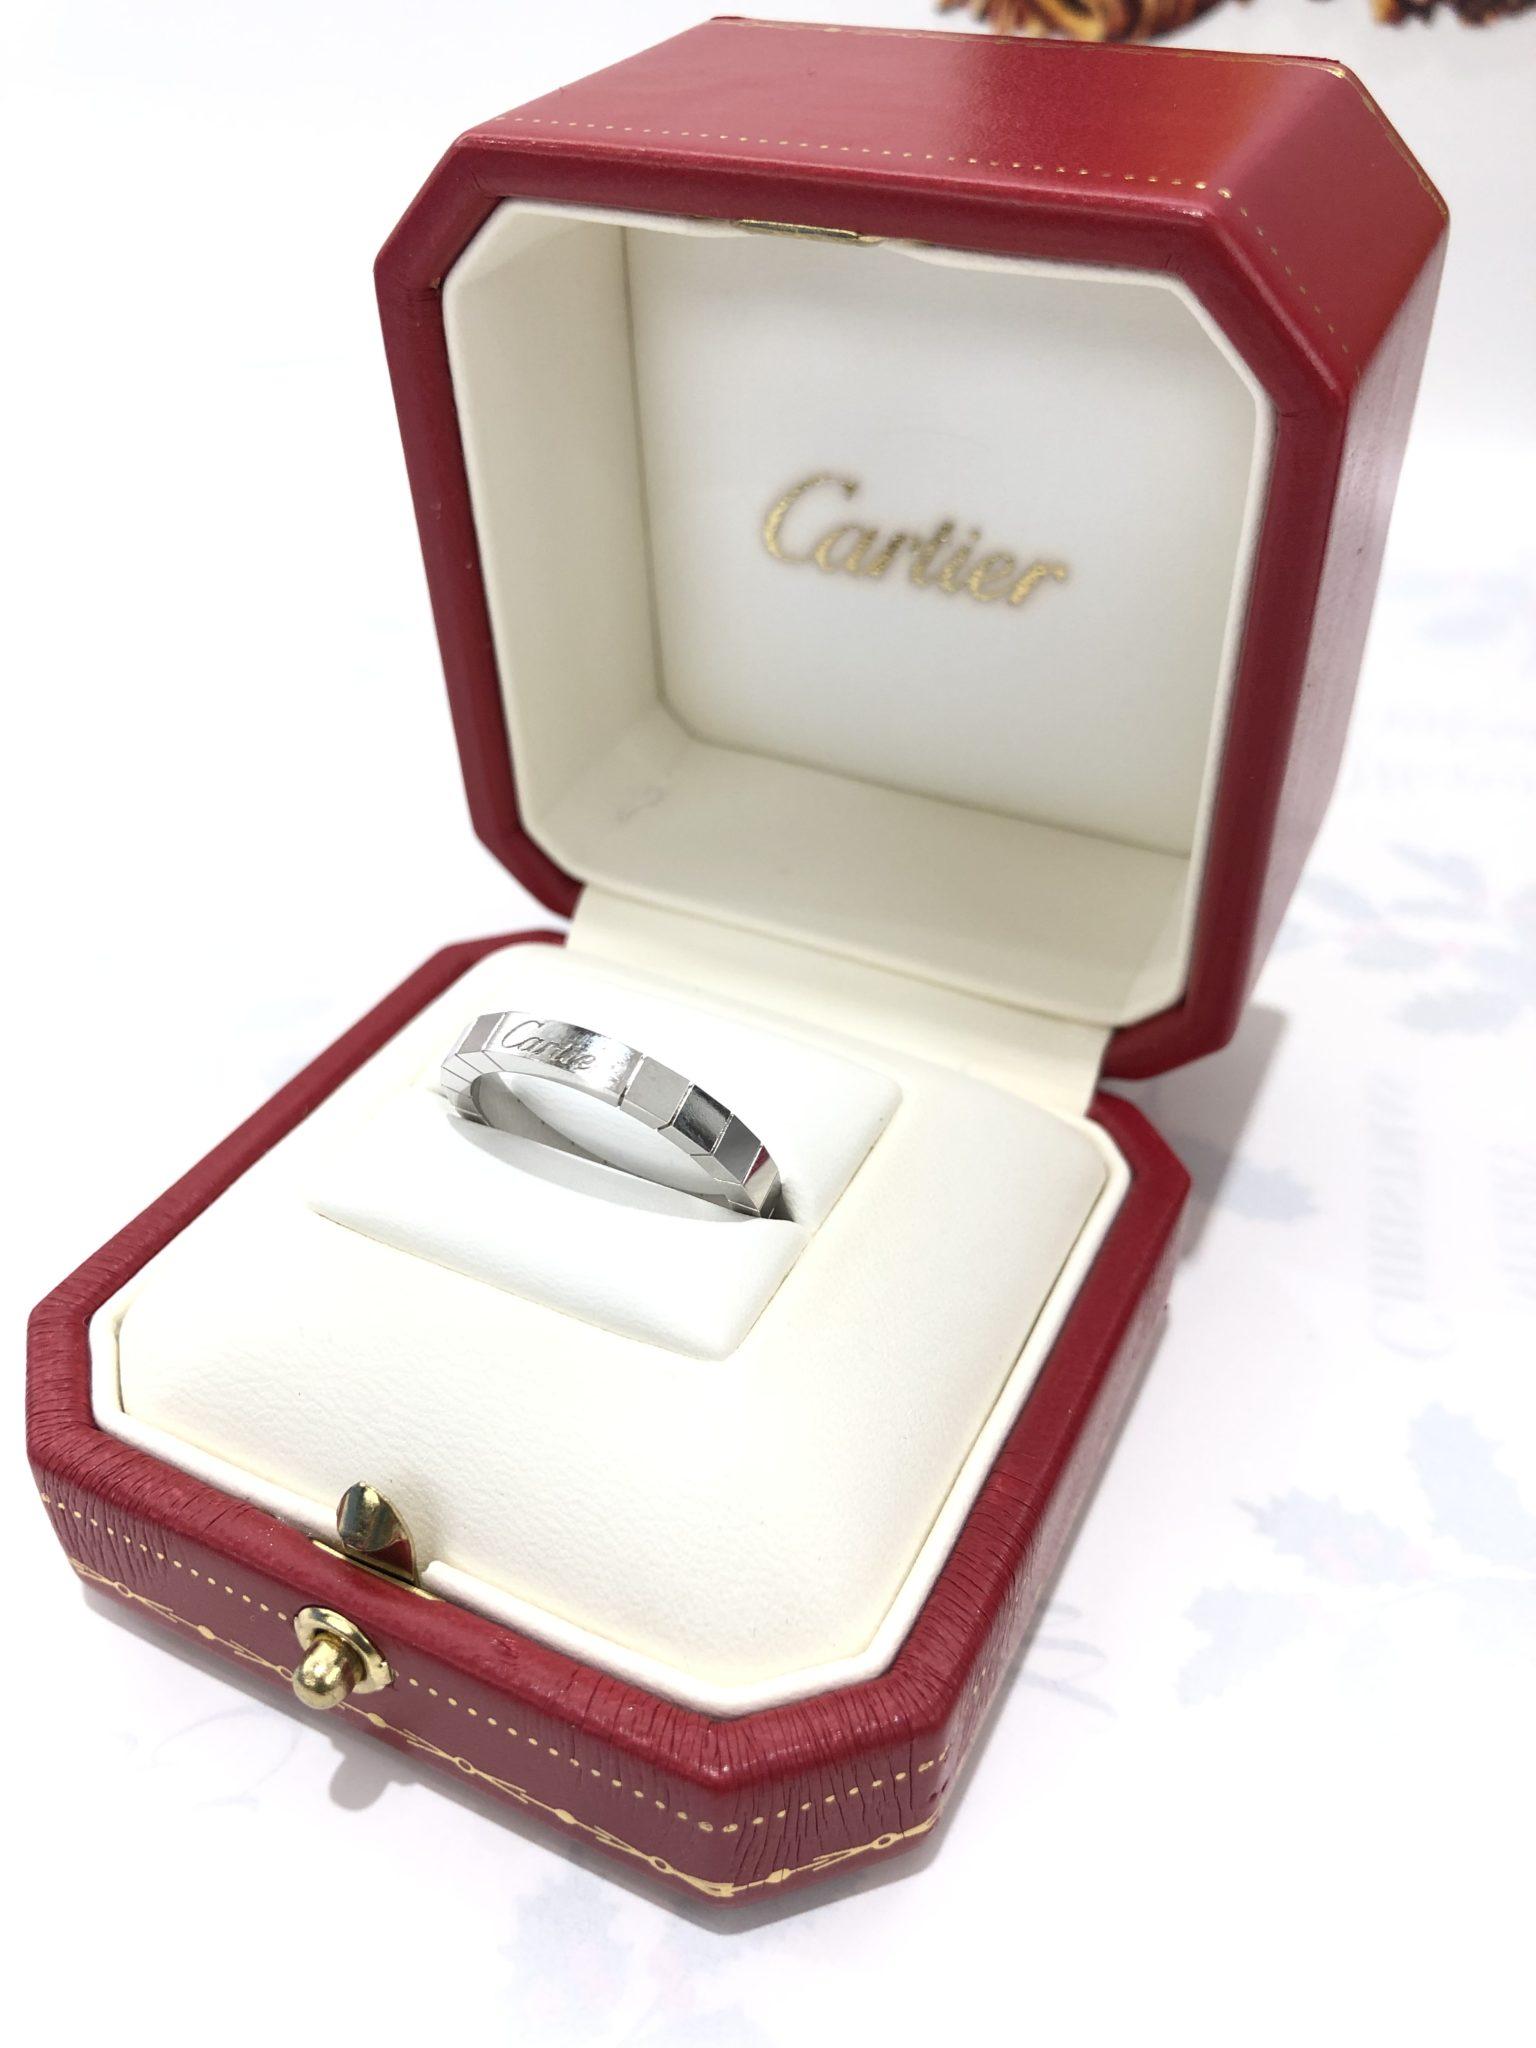 【盛岡Cartier買取】Cartier K18WG ラニエールリング